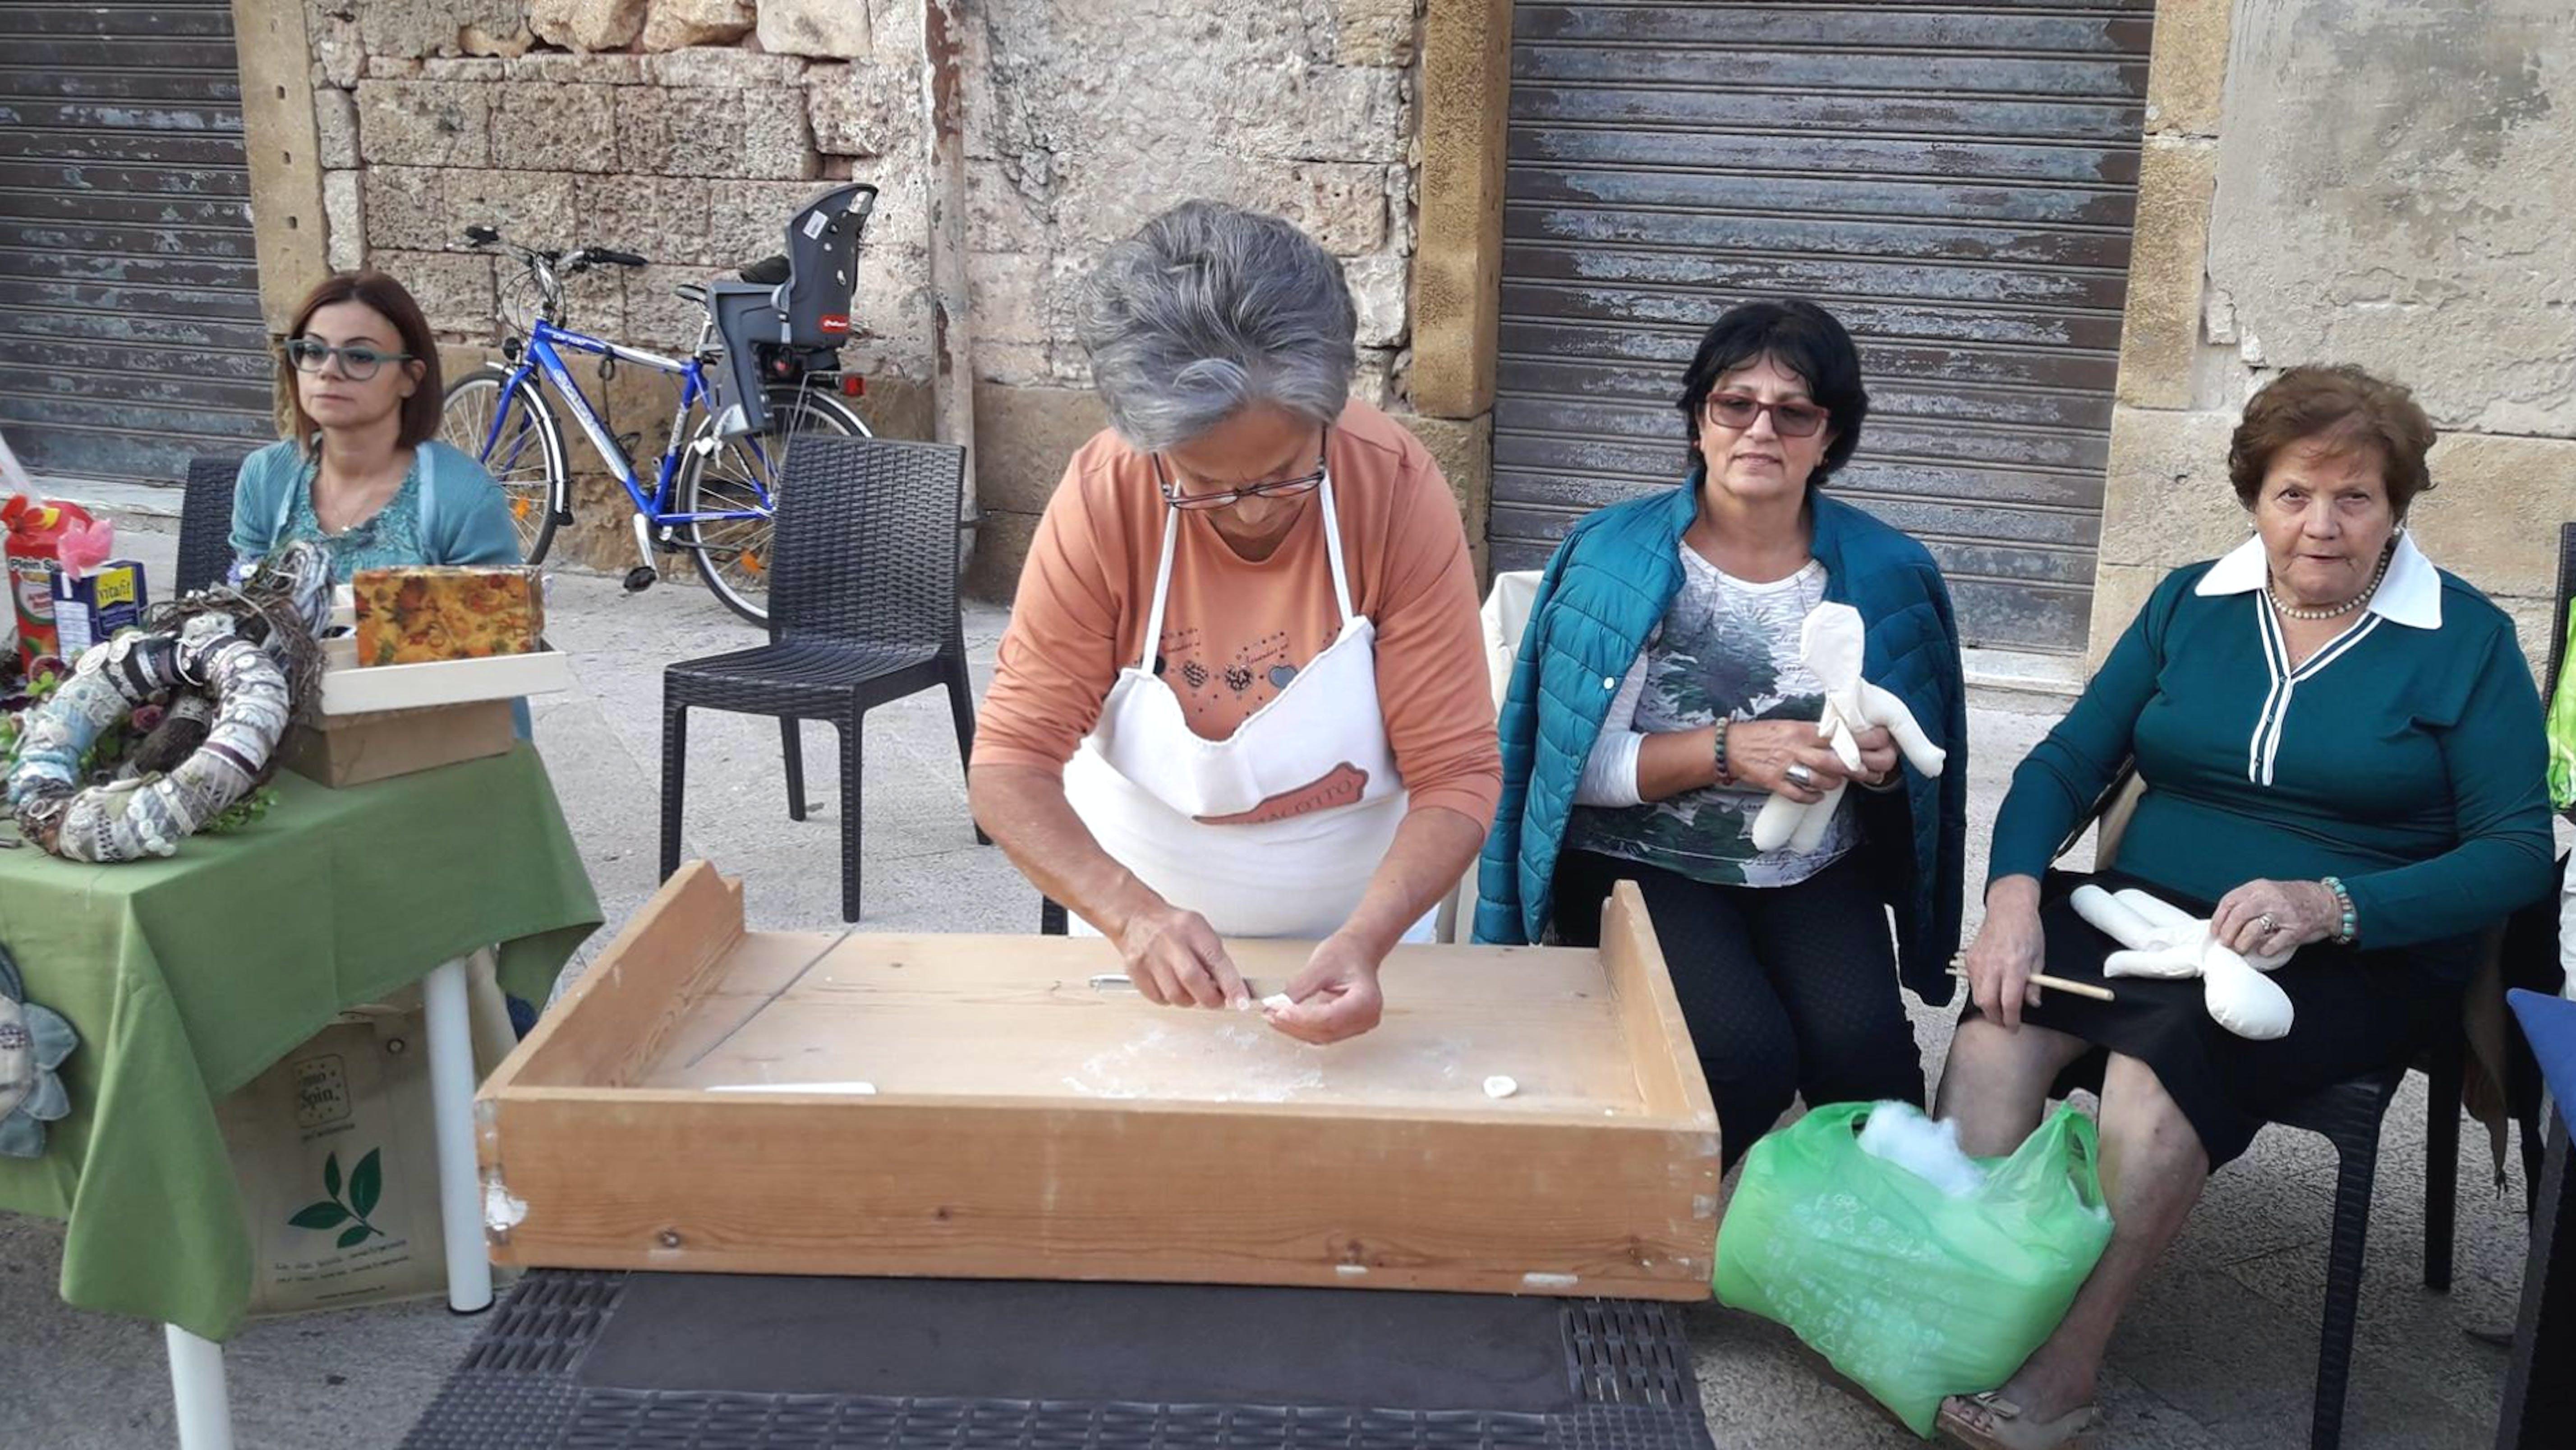 Laboratorio di pasta fatta in casa, anzi in piazza, a Brindisi